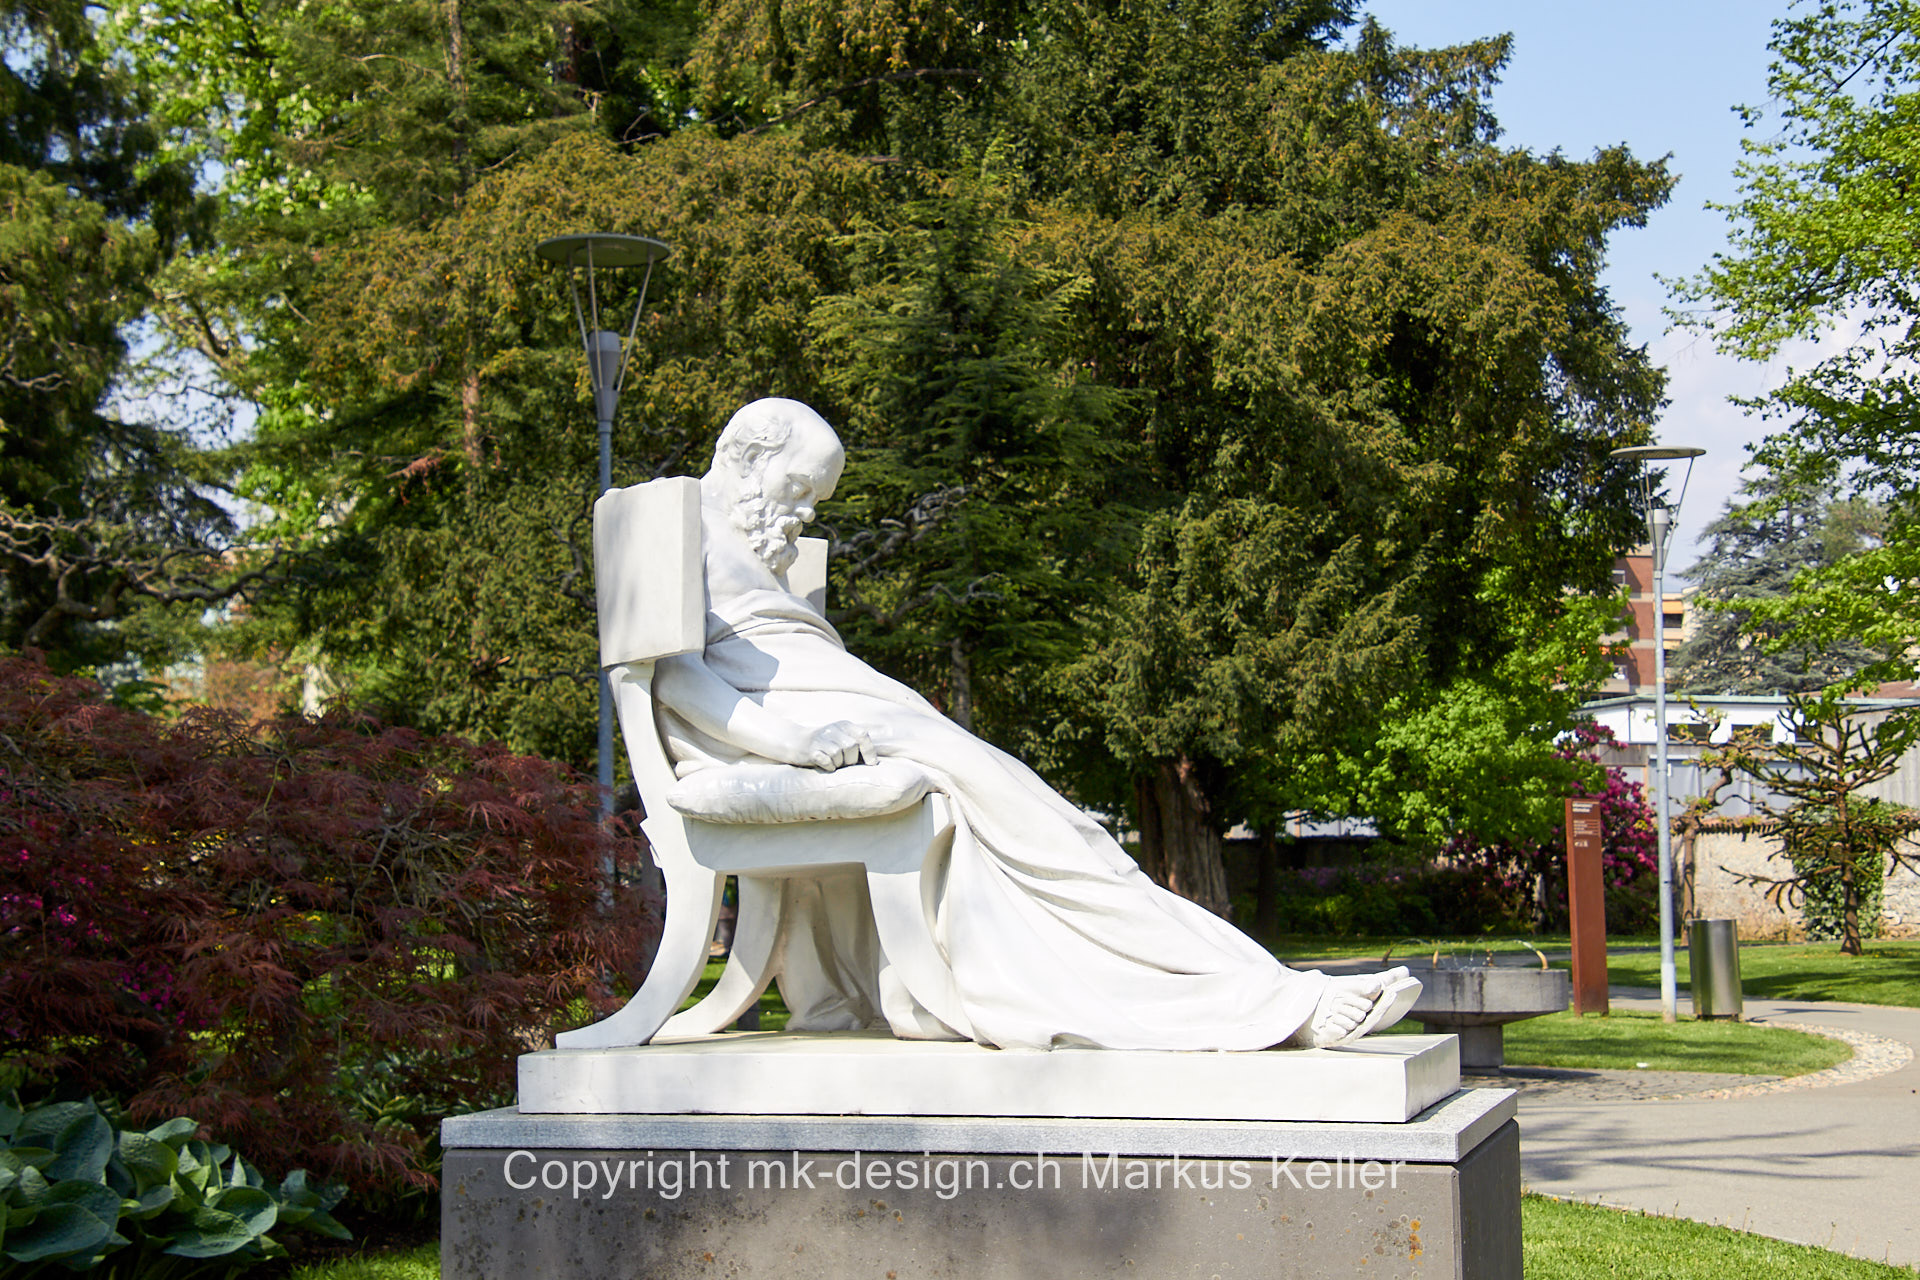 Pflanze   Baum   Bauwerk   Statue/Skulptur